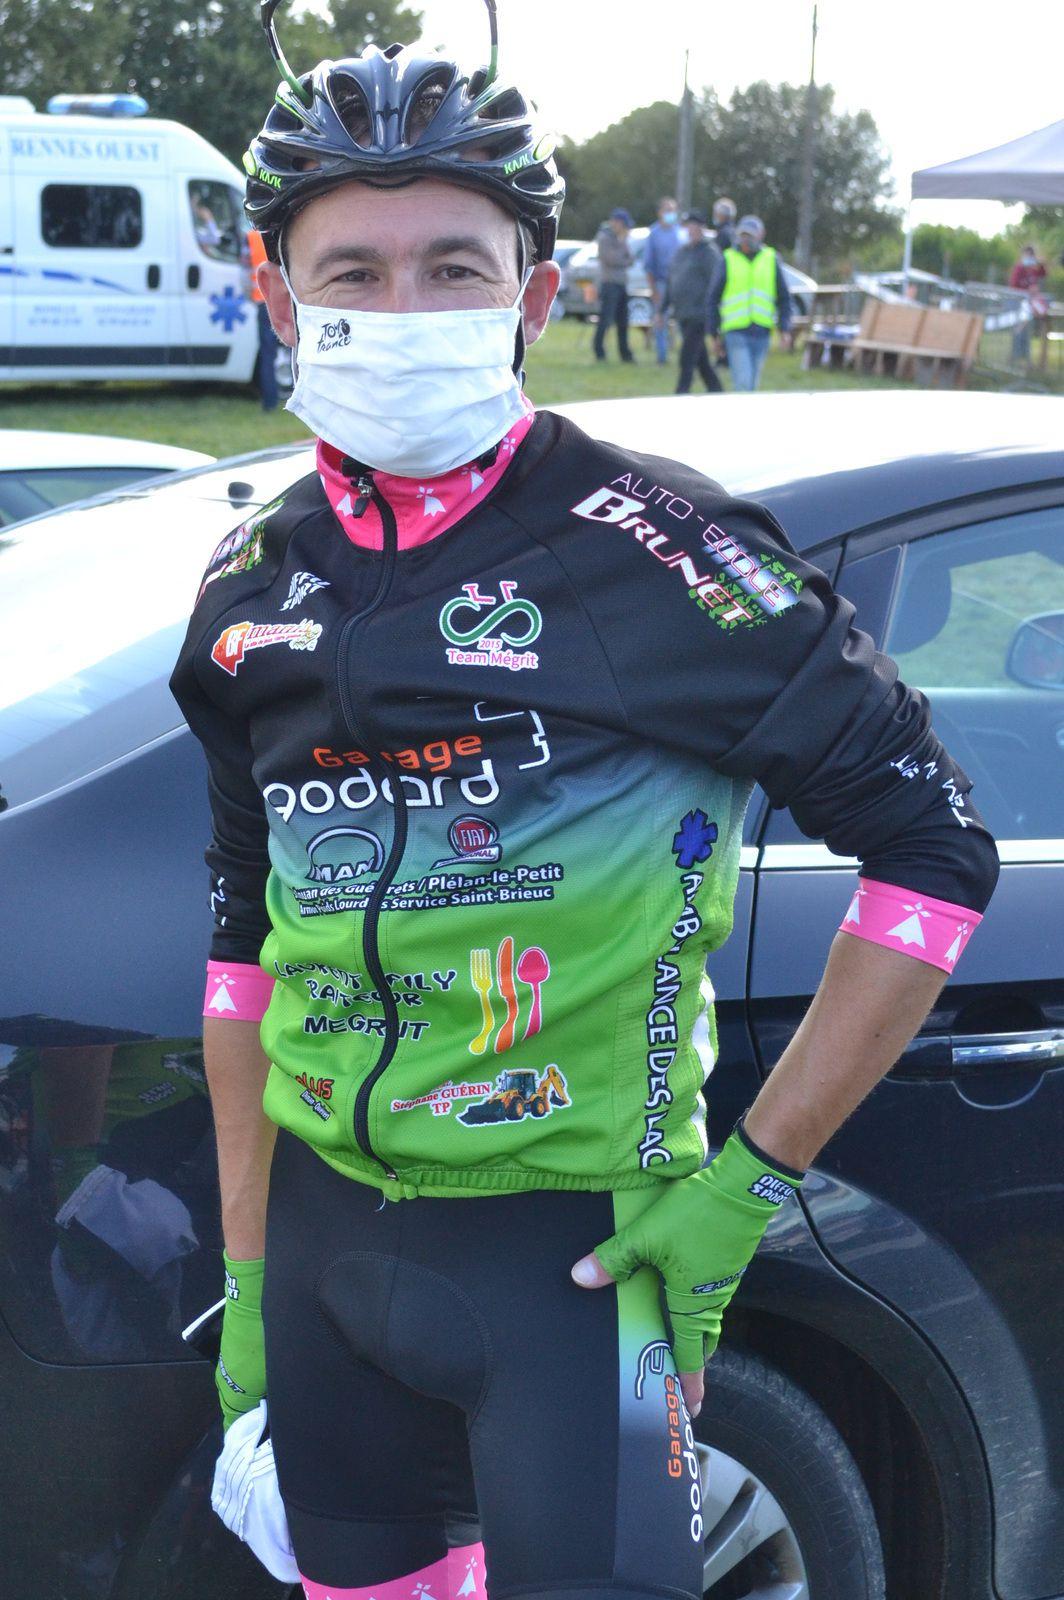 Tiens, le voici Cédric SAMSON (T Mégrit), 35è, après une belle tentative d'échappée avec Thierry HENRY au 7è tour.